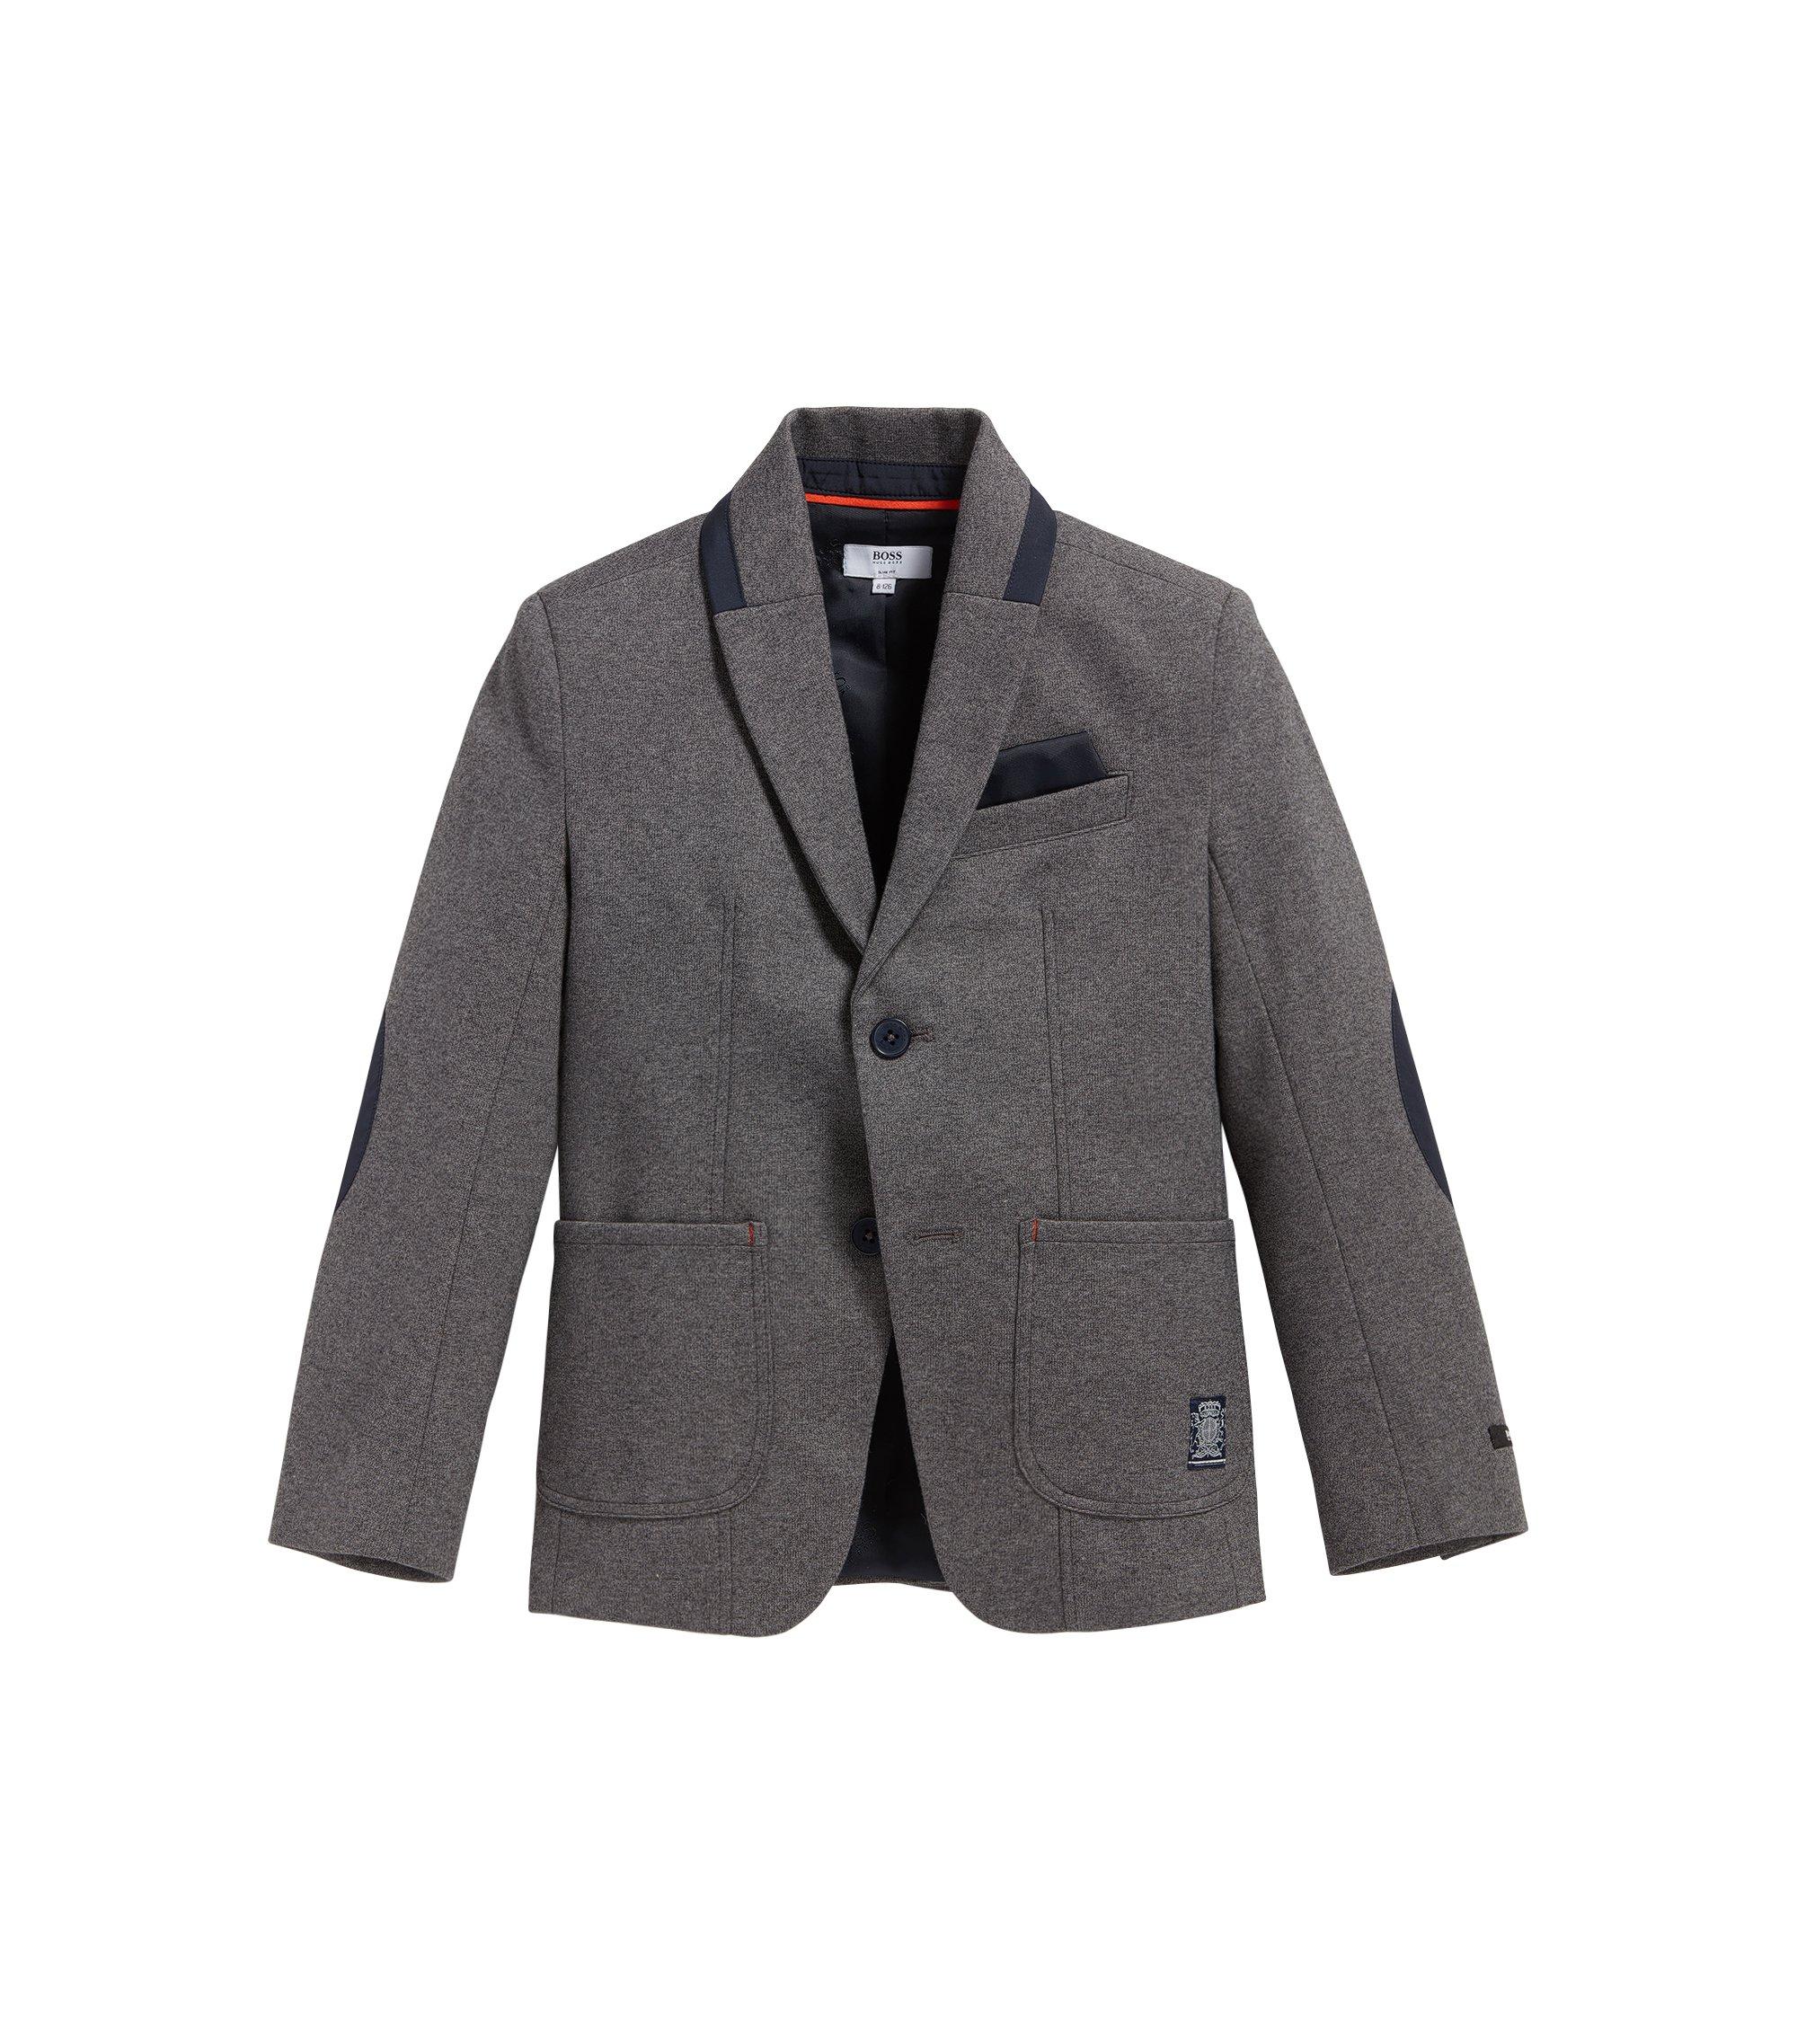 Veste de costume pour enfant en coton mélangé extensible, à coudières: «J26293», Gris sombre